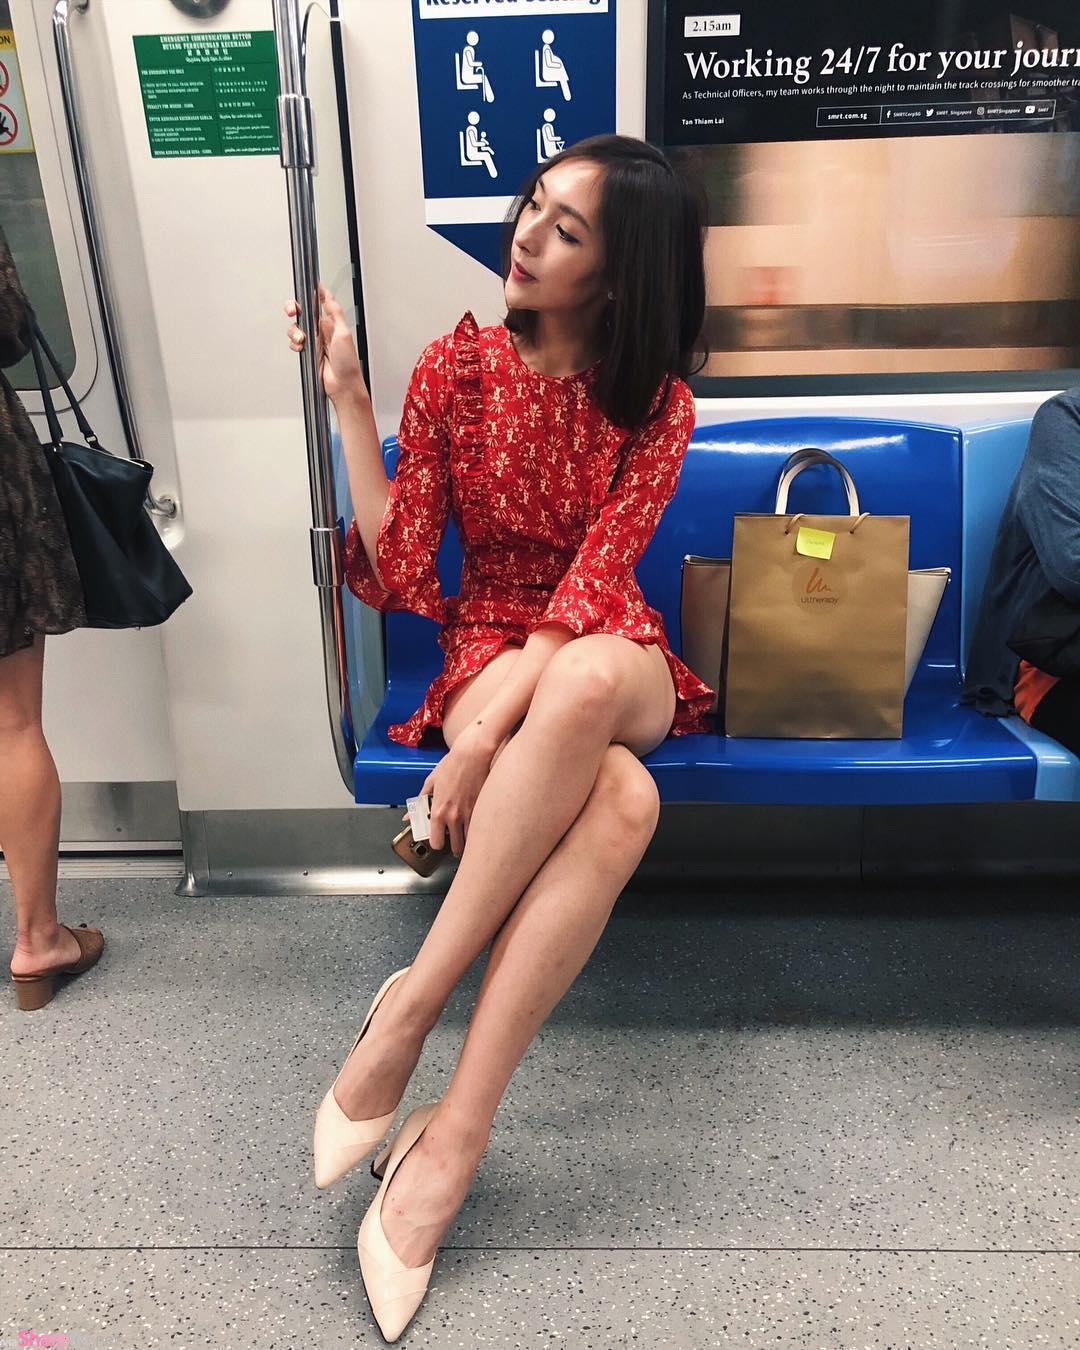 地铁惊现美腿正妹,一转正面颜值好甜美